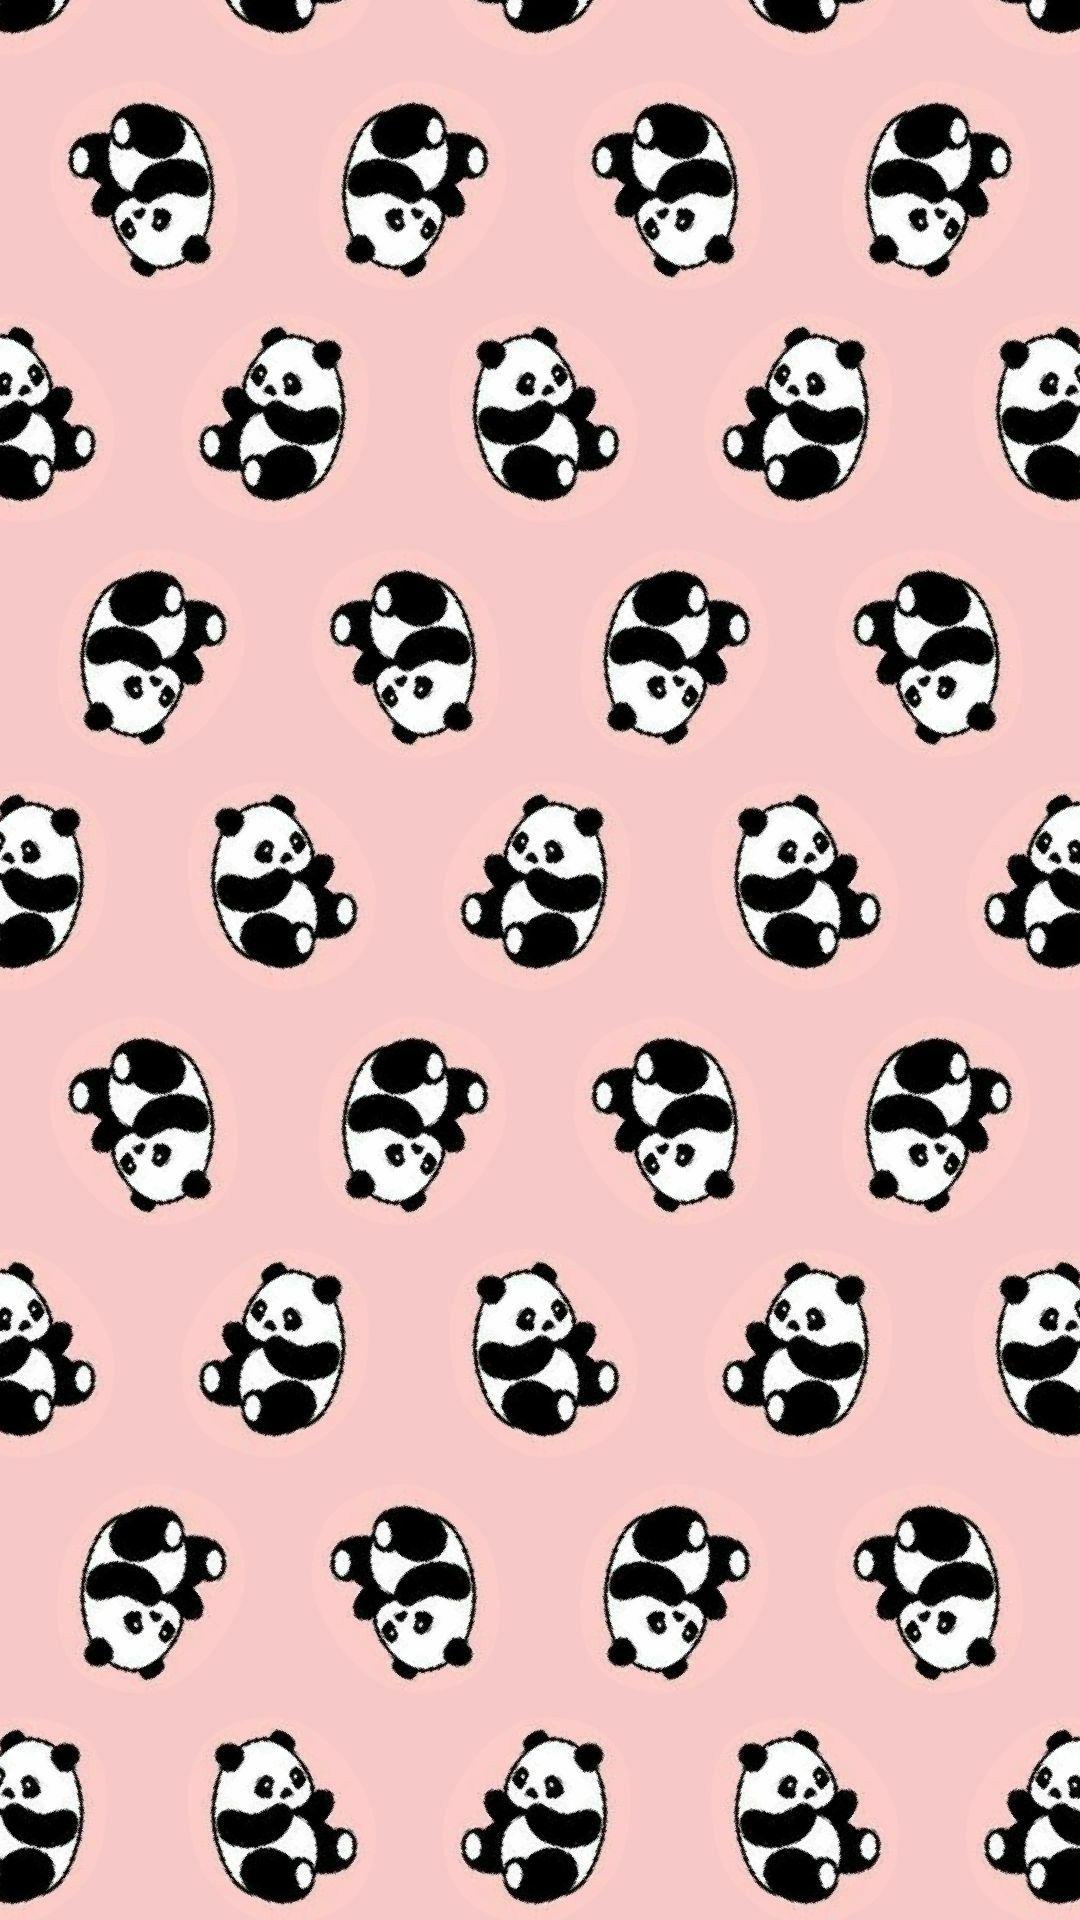 Wallpaper Pandas Pandas In 2019 Cute Panda Wallpaper Panda